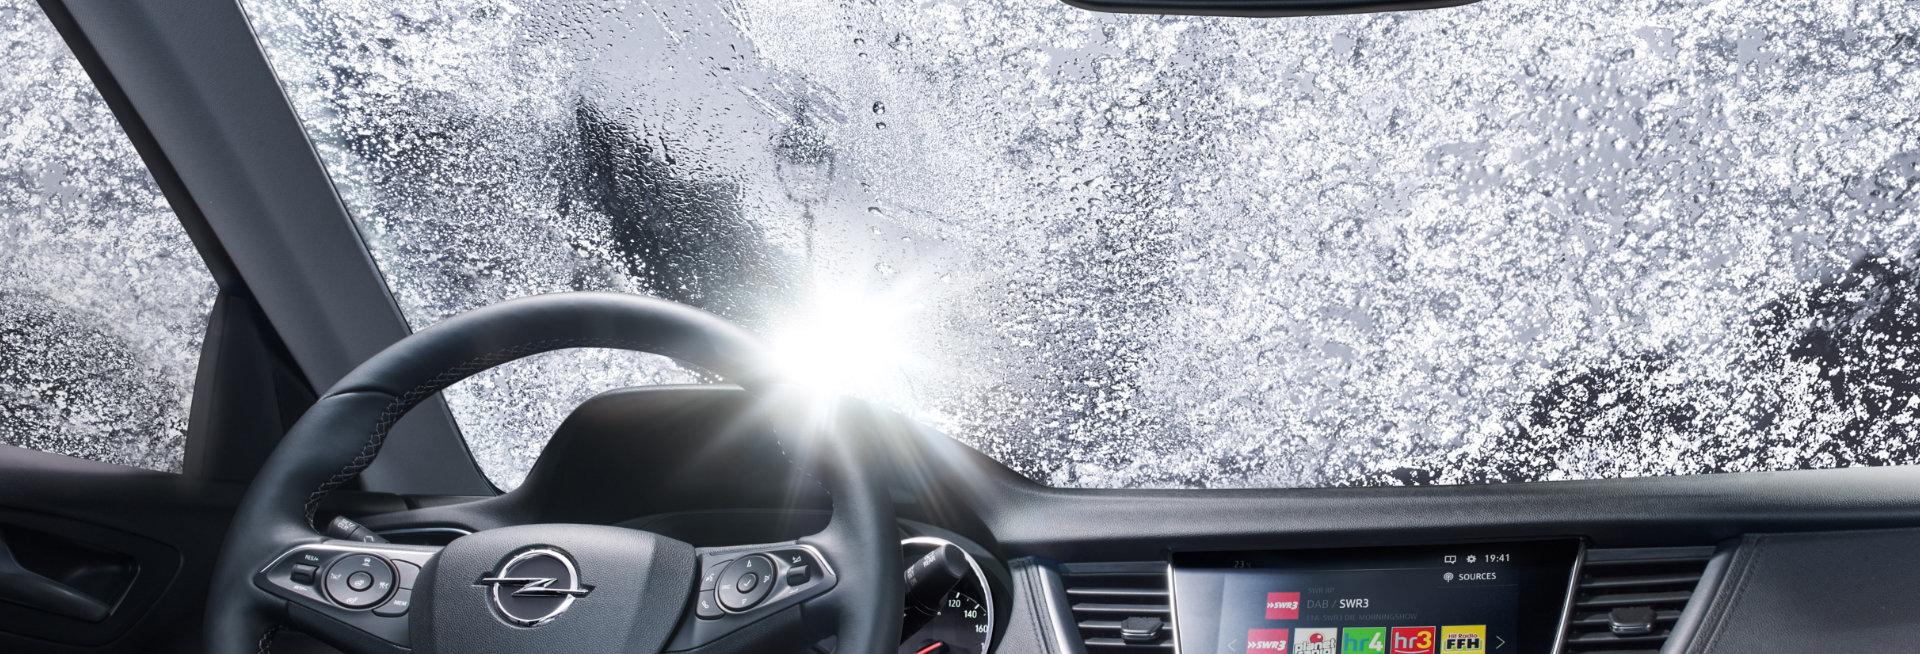 Sneeuwkettingen voor de Opel Grandland X